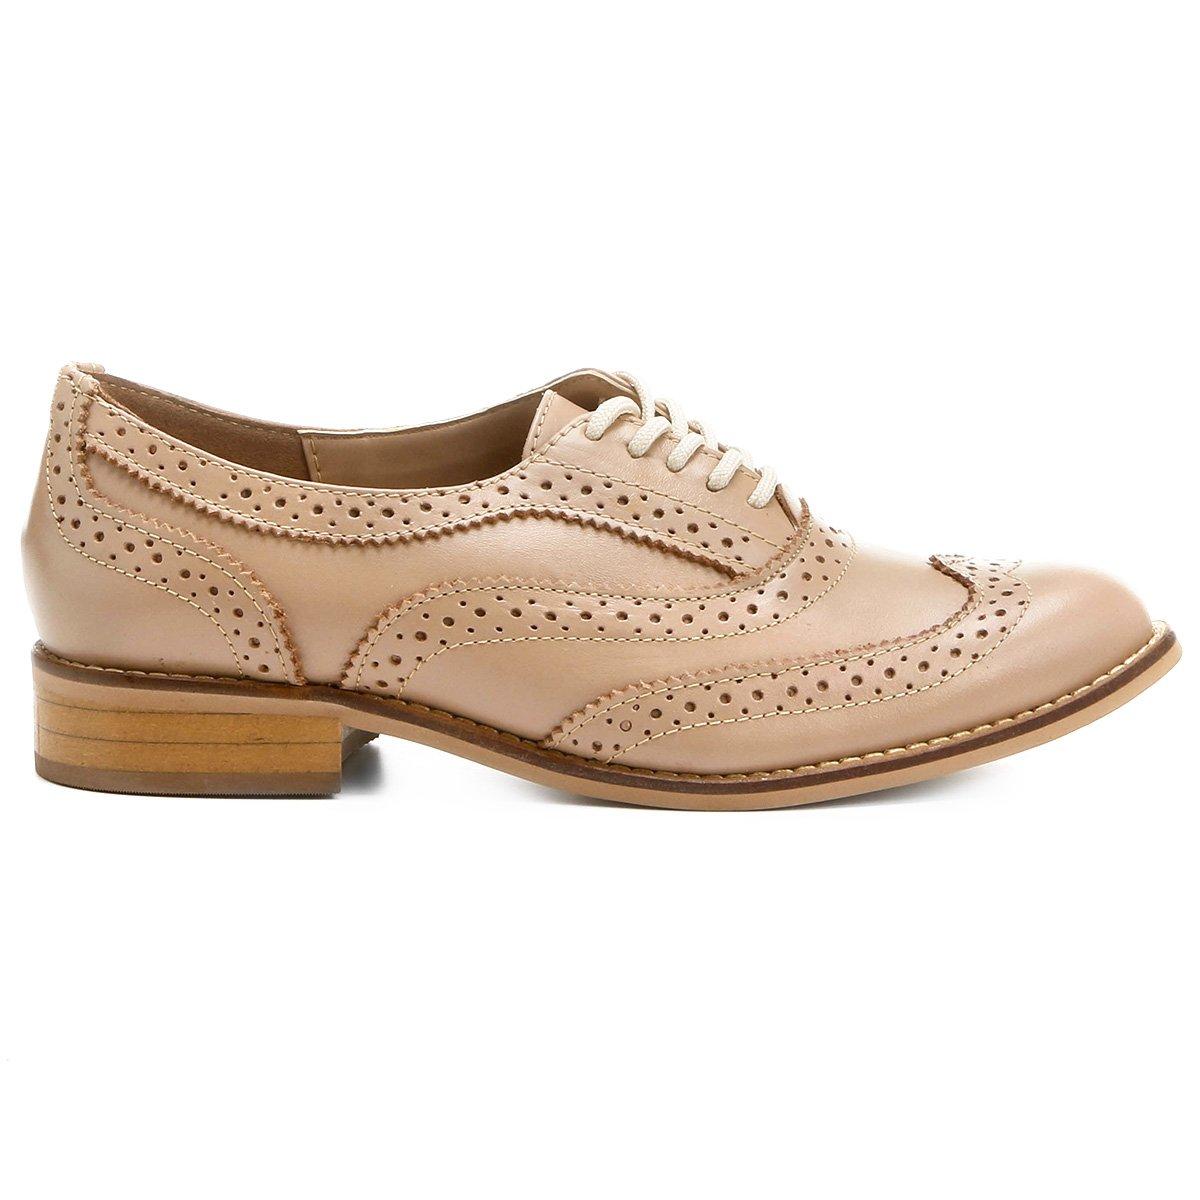 ffca7da6b Oxford Couro Shoestock Tradicional Feminino - Compre Agora